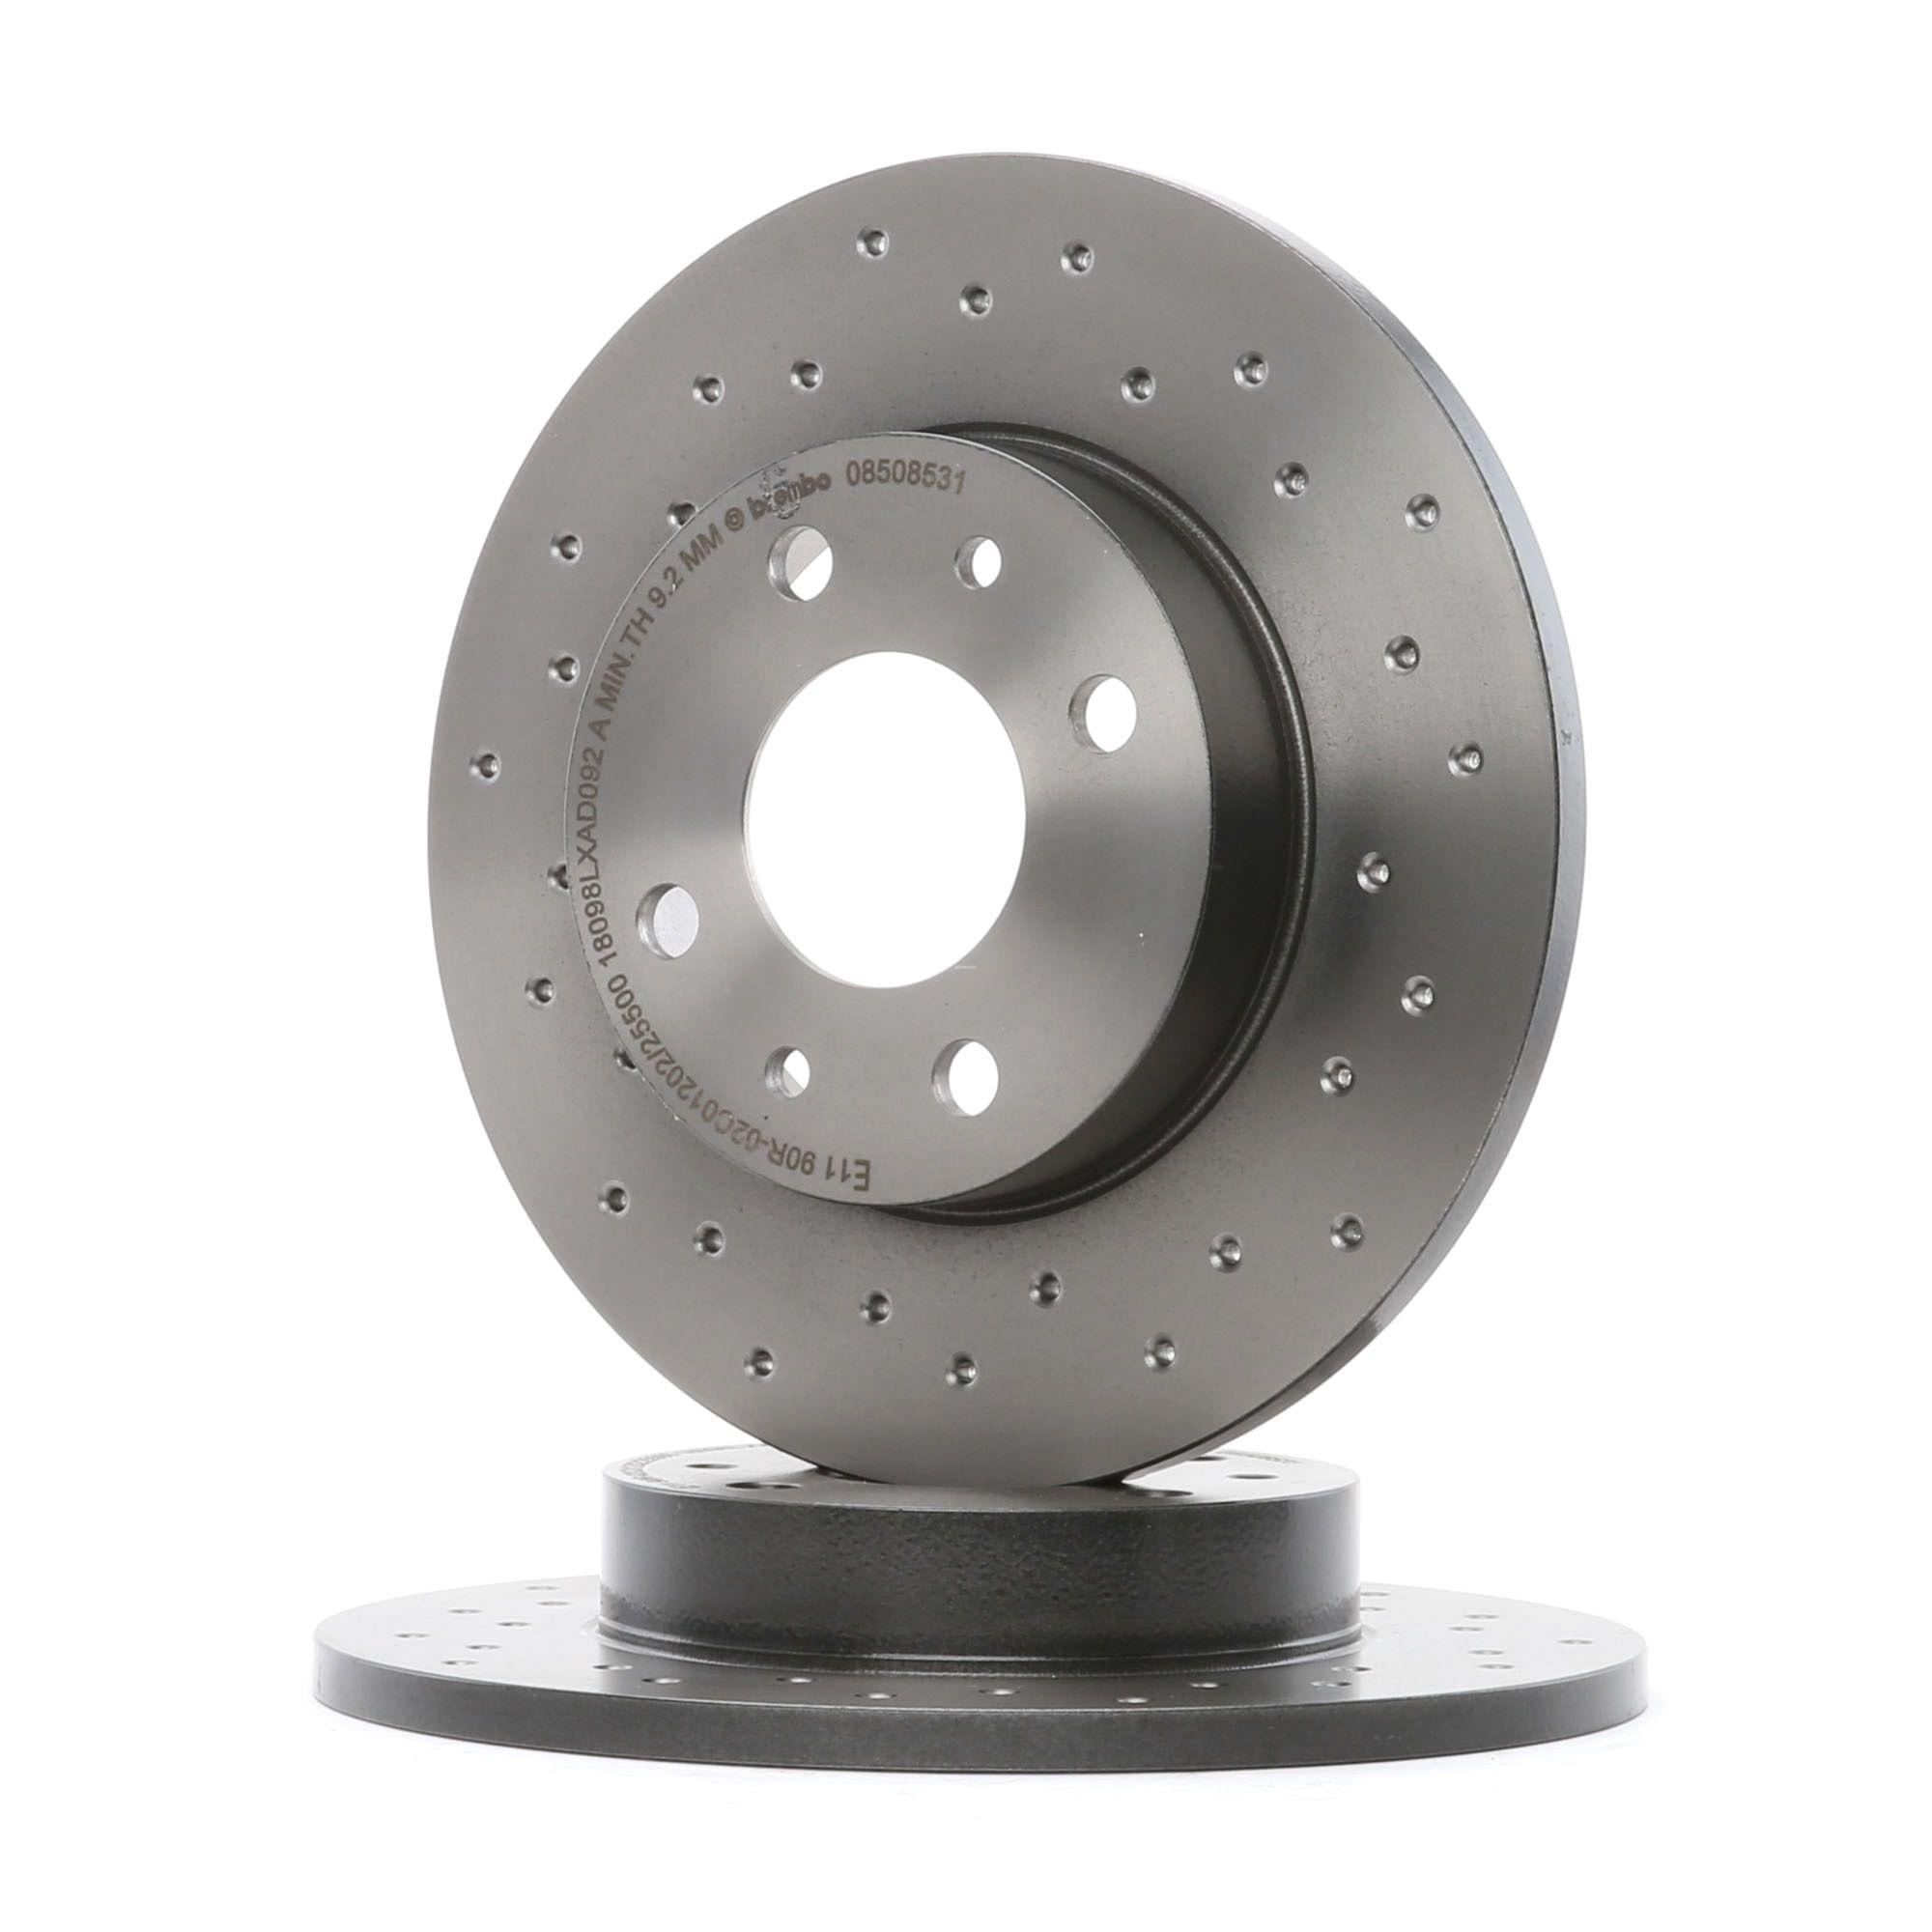 08.5085.31 BREMBO COATED DISC LINE Gelocht, Voll, beschichtet, mit Schrauben Ø: 240mm, Lochanzahl: 4, Bremsscheibendicke: 11mm Bremsscheibe 08.5085.31 günstig kaufen